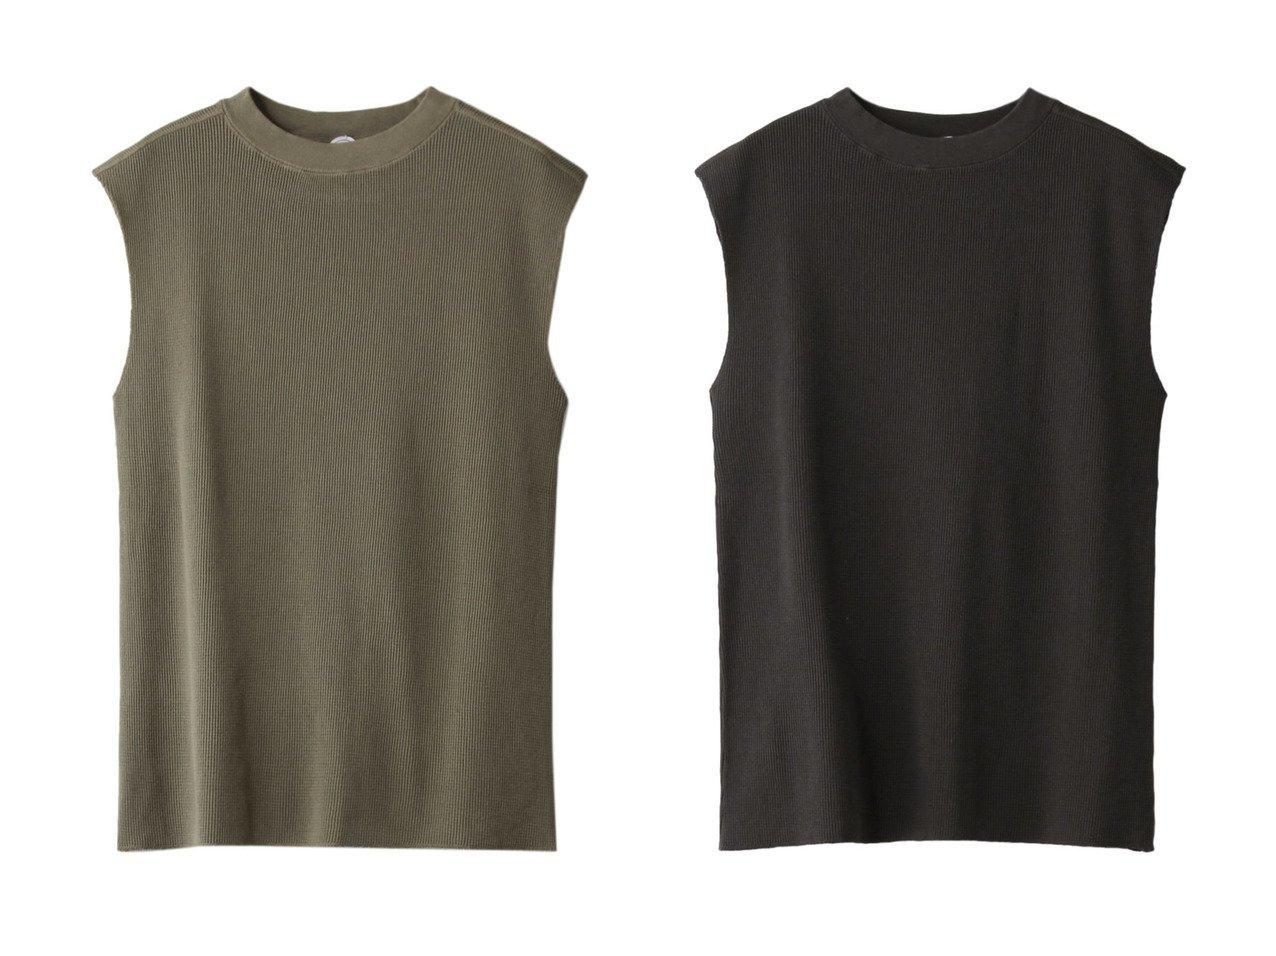 【JAMAIS VU/ジャメヴ】のSUVINワッフルノースリーブプルオーバー 【トップス・カットソー】おすすめ!人気、トレンド・レディースファッションの通販 おすすめで人気の流行・トレンド、ファッションの通販商品 インテリア・家具・メンズファッション・キッズファッション・レディースファッション・服の通販 founy(ファニー) https://founy.com/ ファッション Fashion レディースファッション WOMEN トップス・カットソー Tops/Tshirt キャミソール / ノースリーブ No Sleeves シャツ/ブラウス Shirts/Blouses ロング / Tシャツ T-Shirts プルオーバー Pullover カットソー Cut and Sewn キャミソール シンプル タンク |ID:crp329100000049491